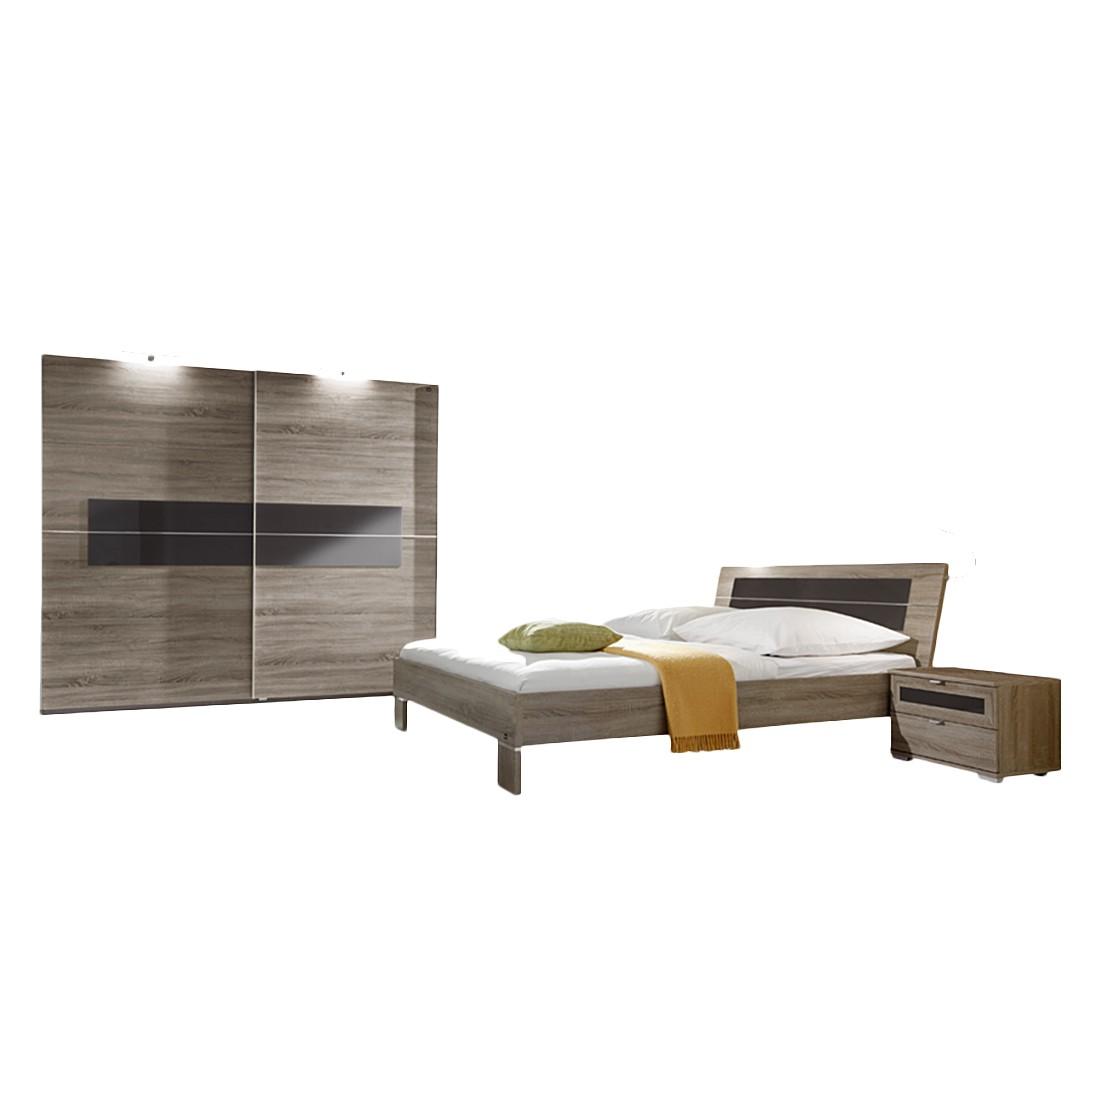 Schlafzimmer komplettset zoreca 4 teilig eiche dekor - Schlafzimmer komplettset ...